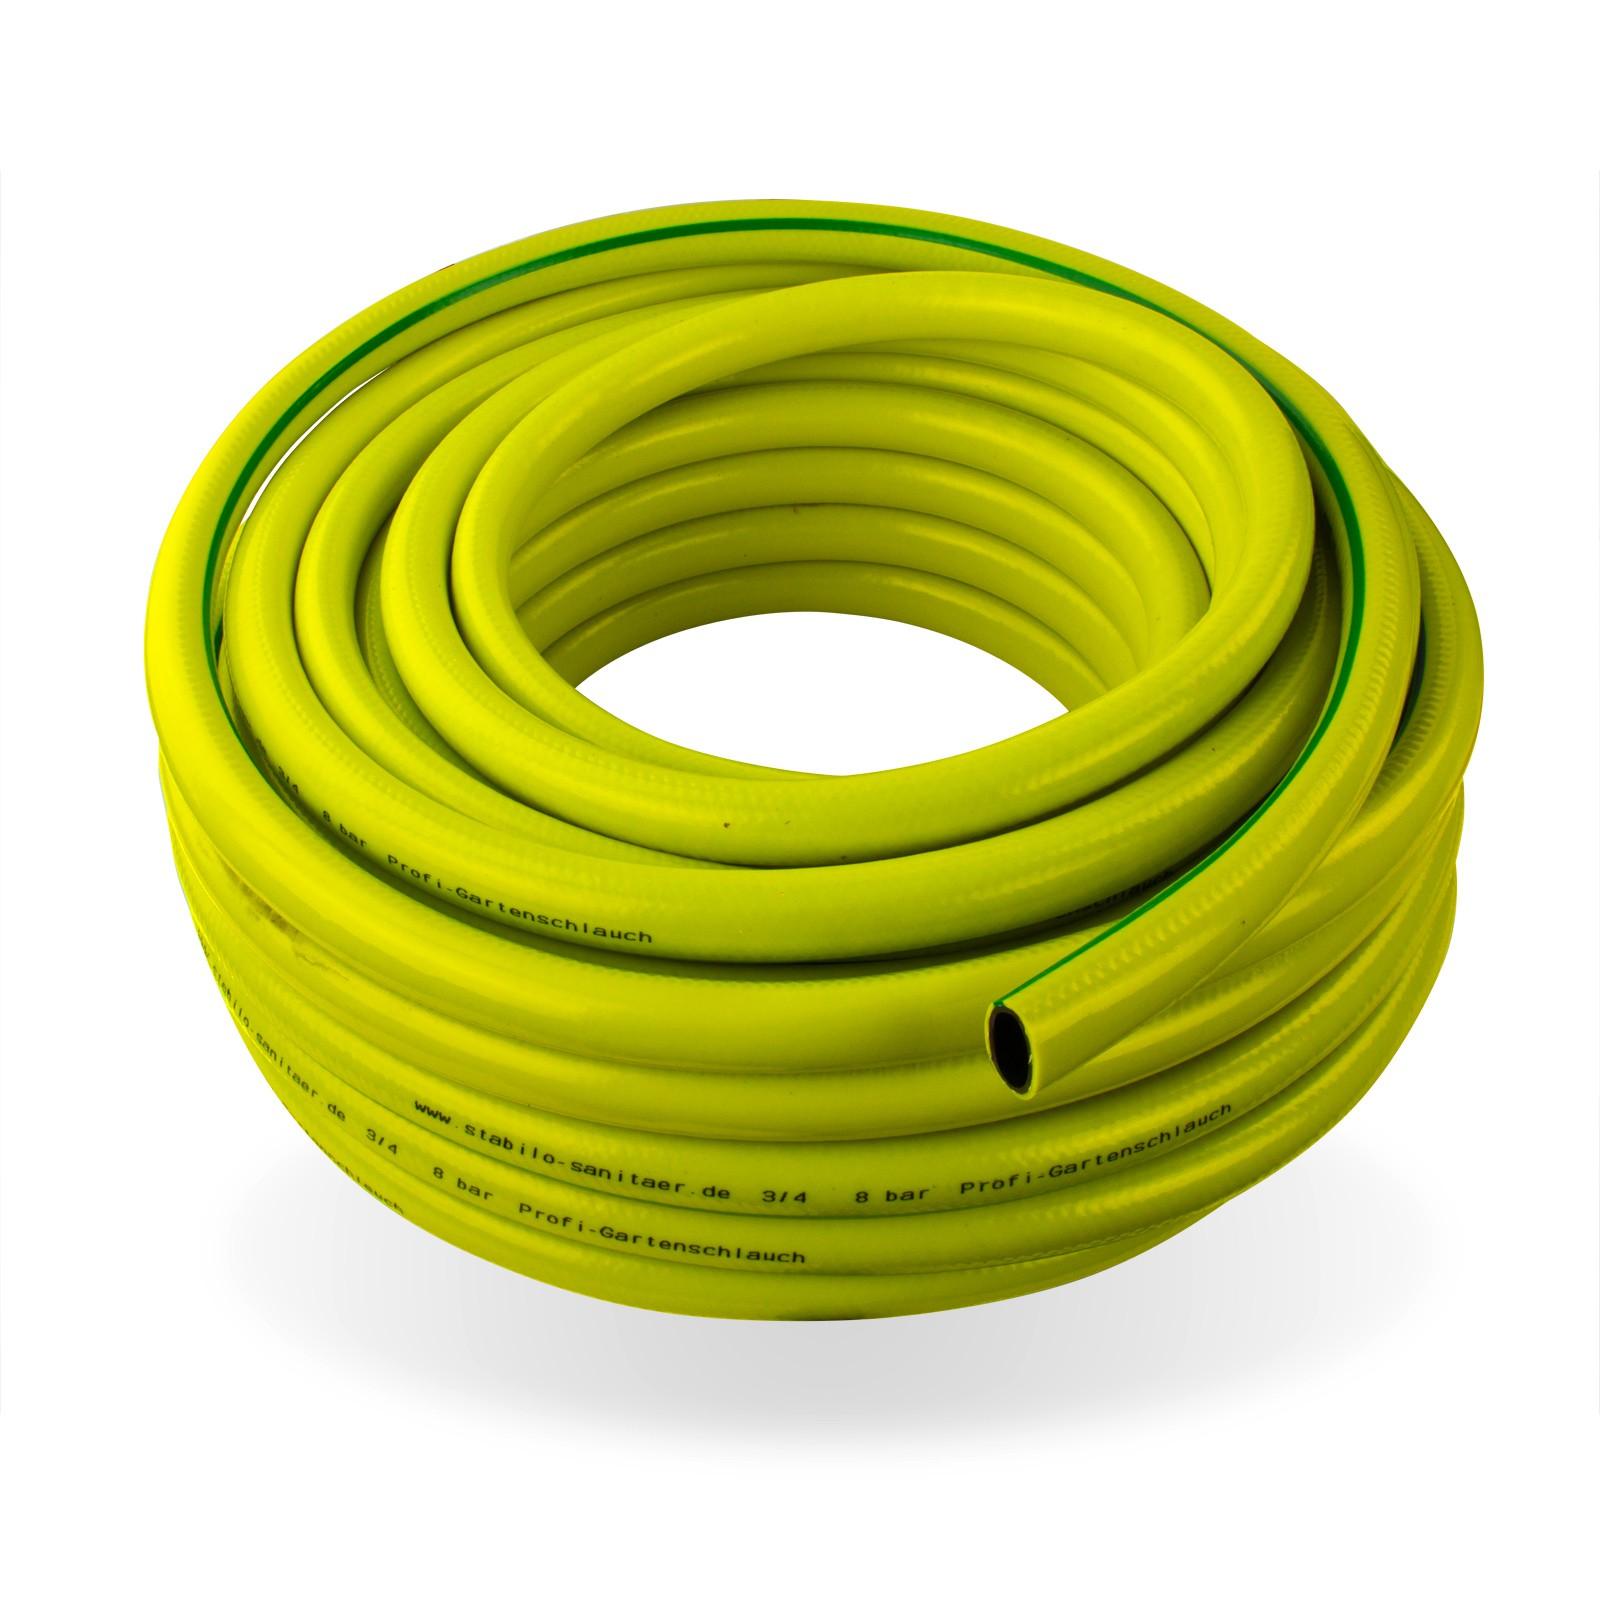 Stabilo-Sanitaer Profi Gartenschlauch / Wasserschlauch 1/2 Zoll / 50 m gelb 14462